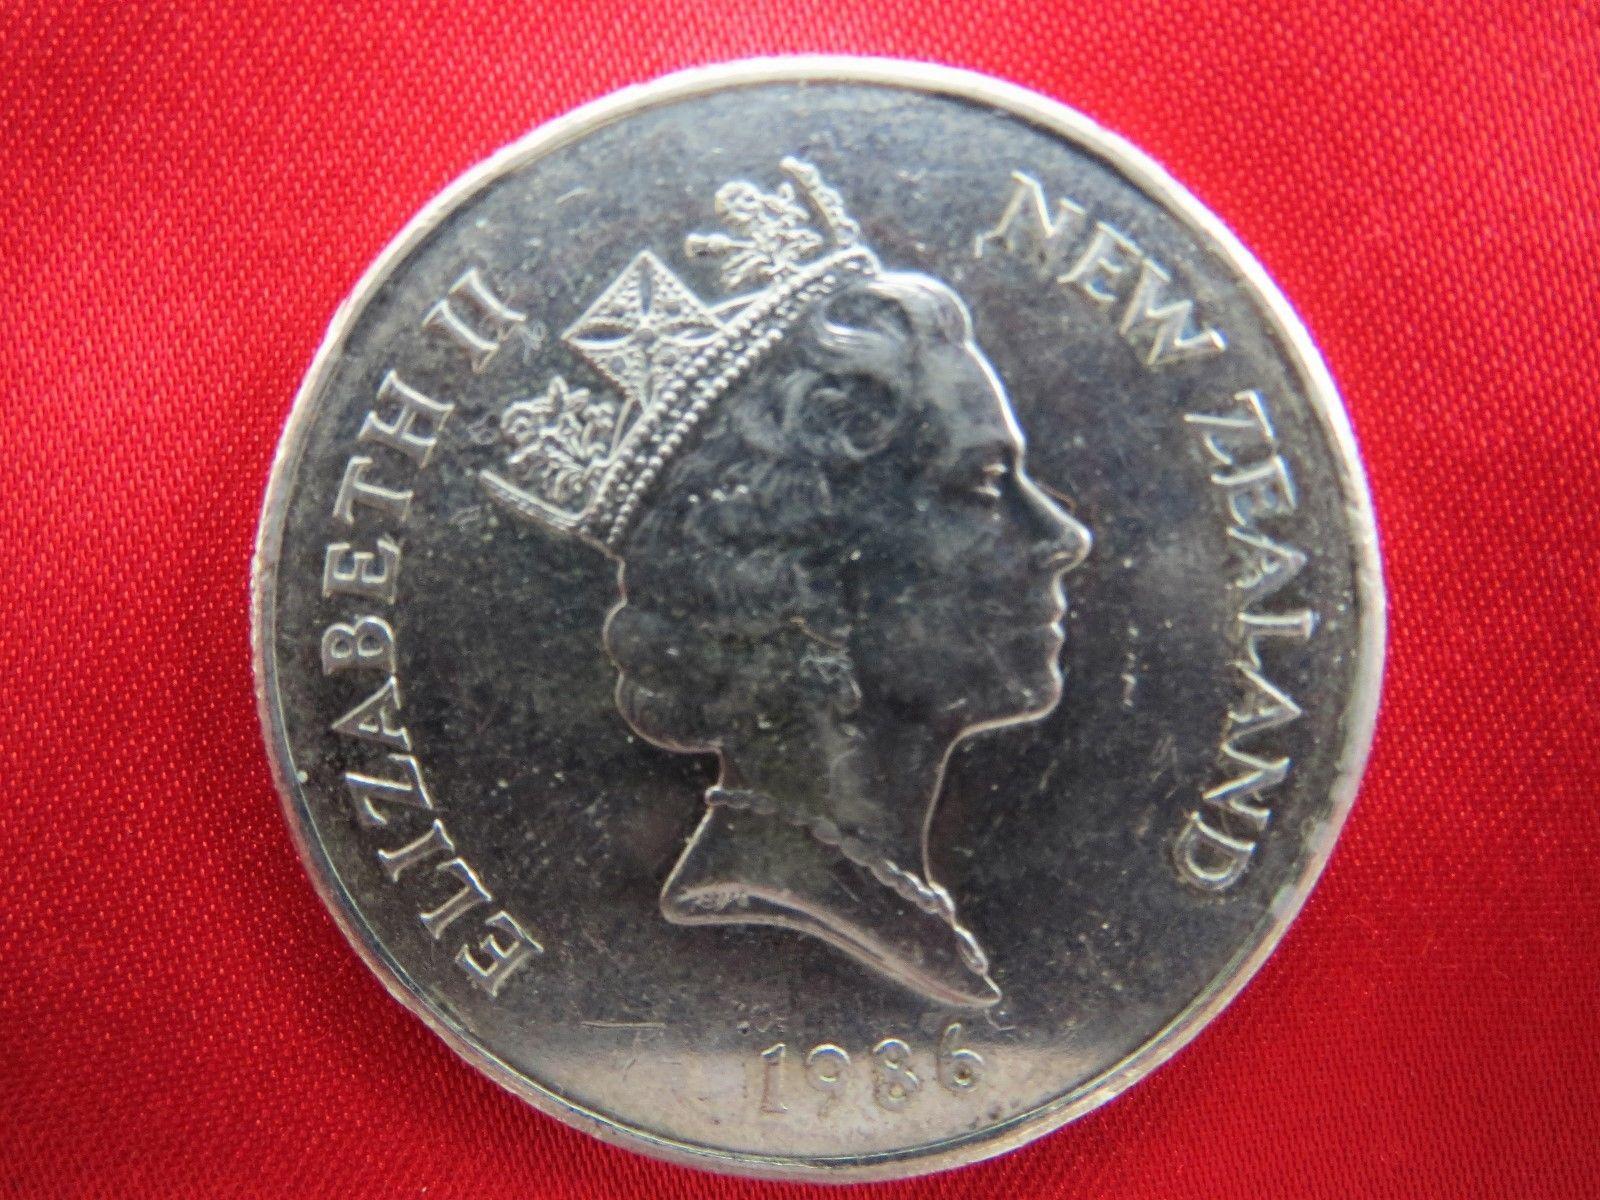 endeavor 50 coin